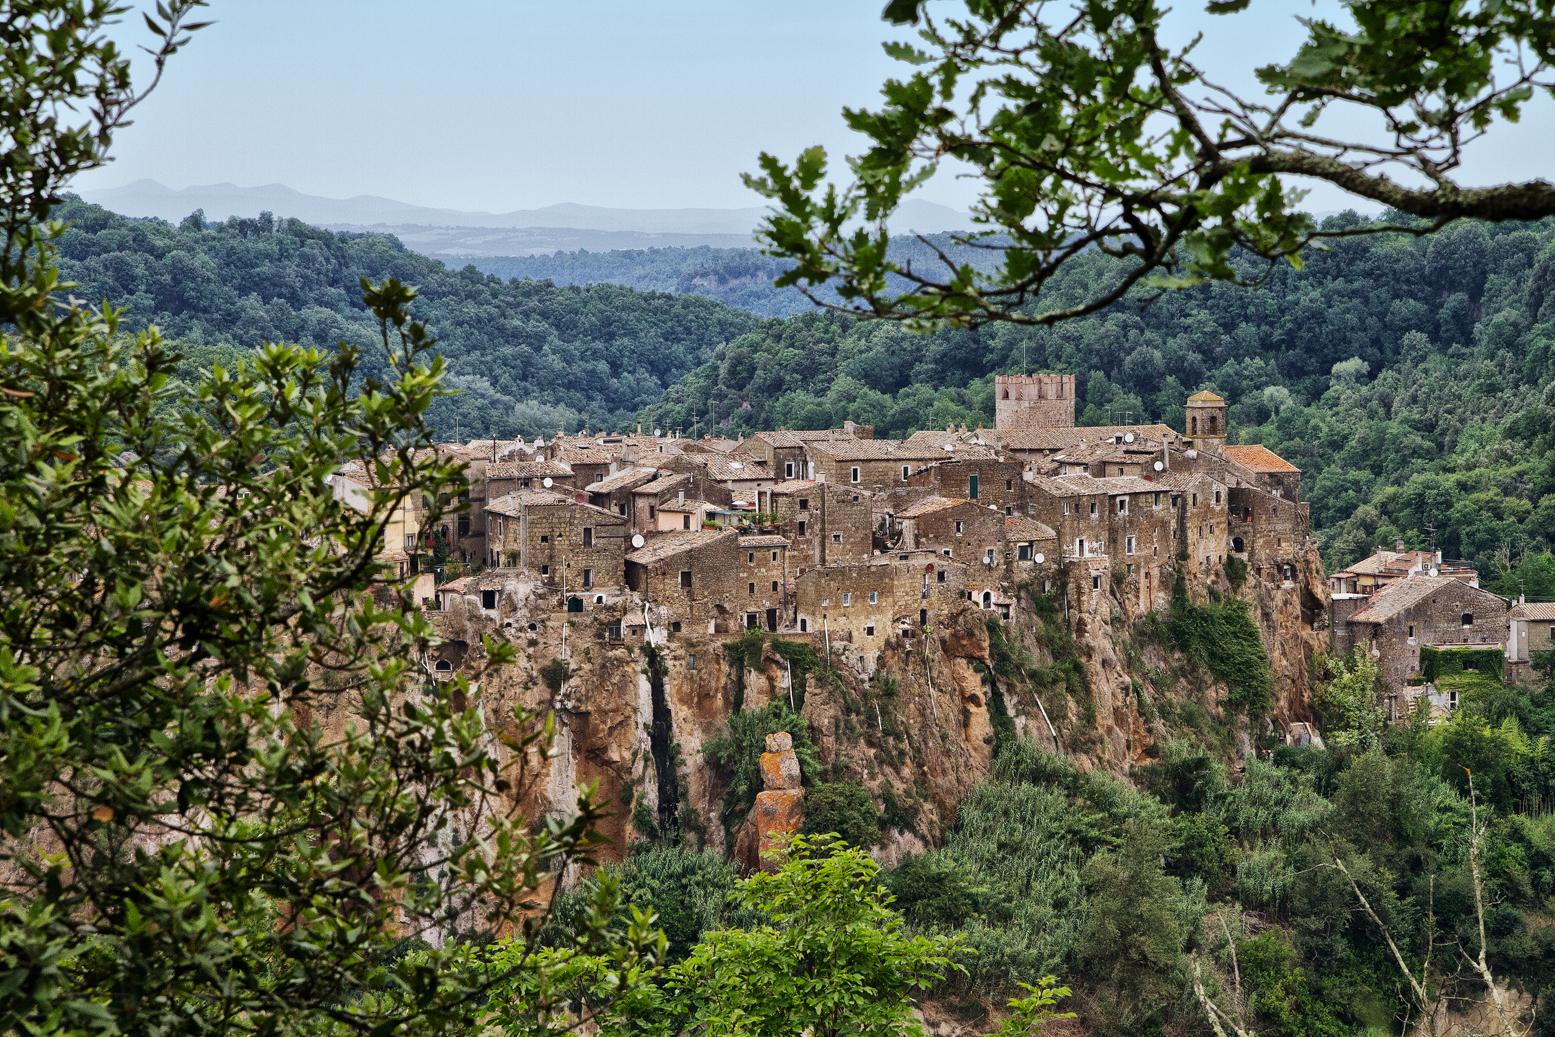 Il borgo medievale di Calcata